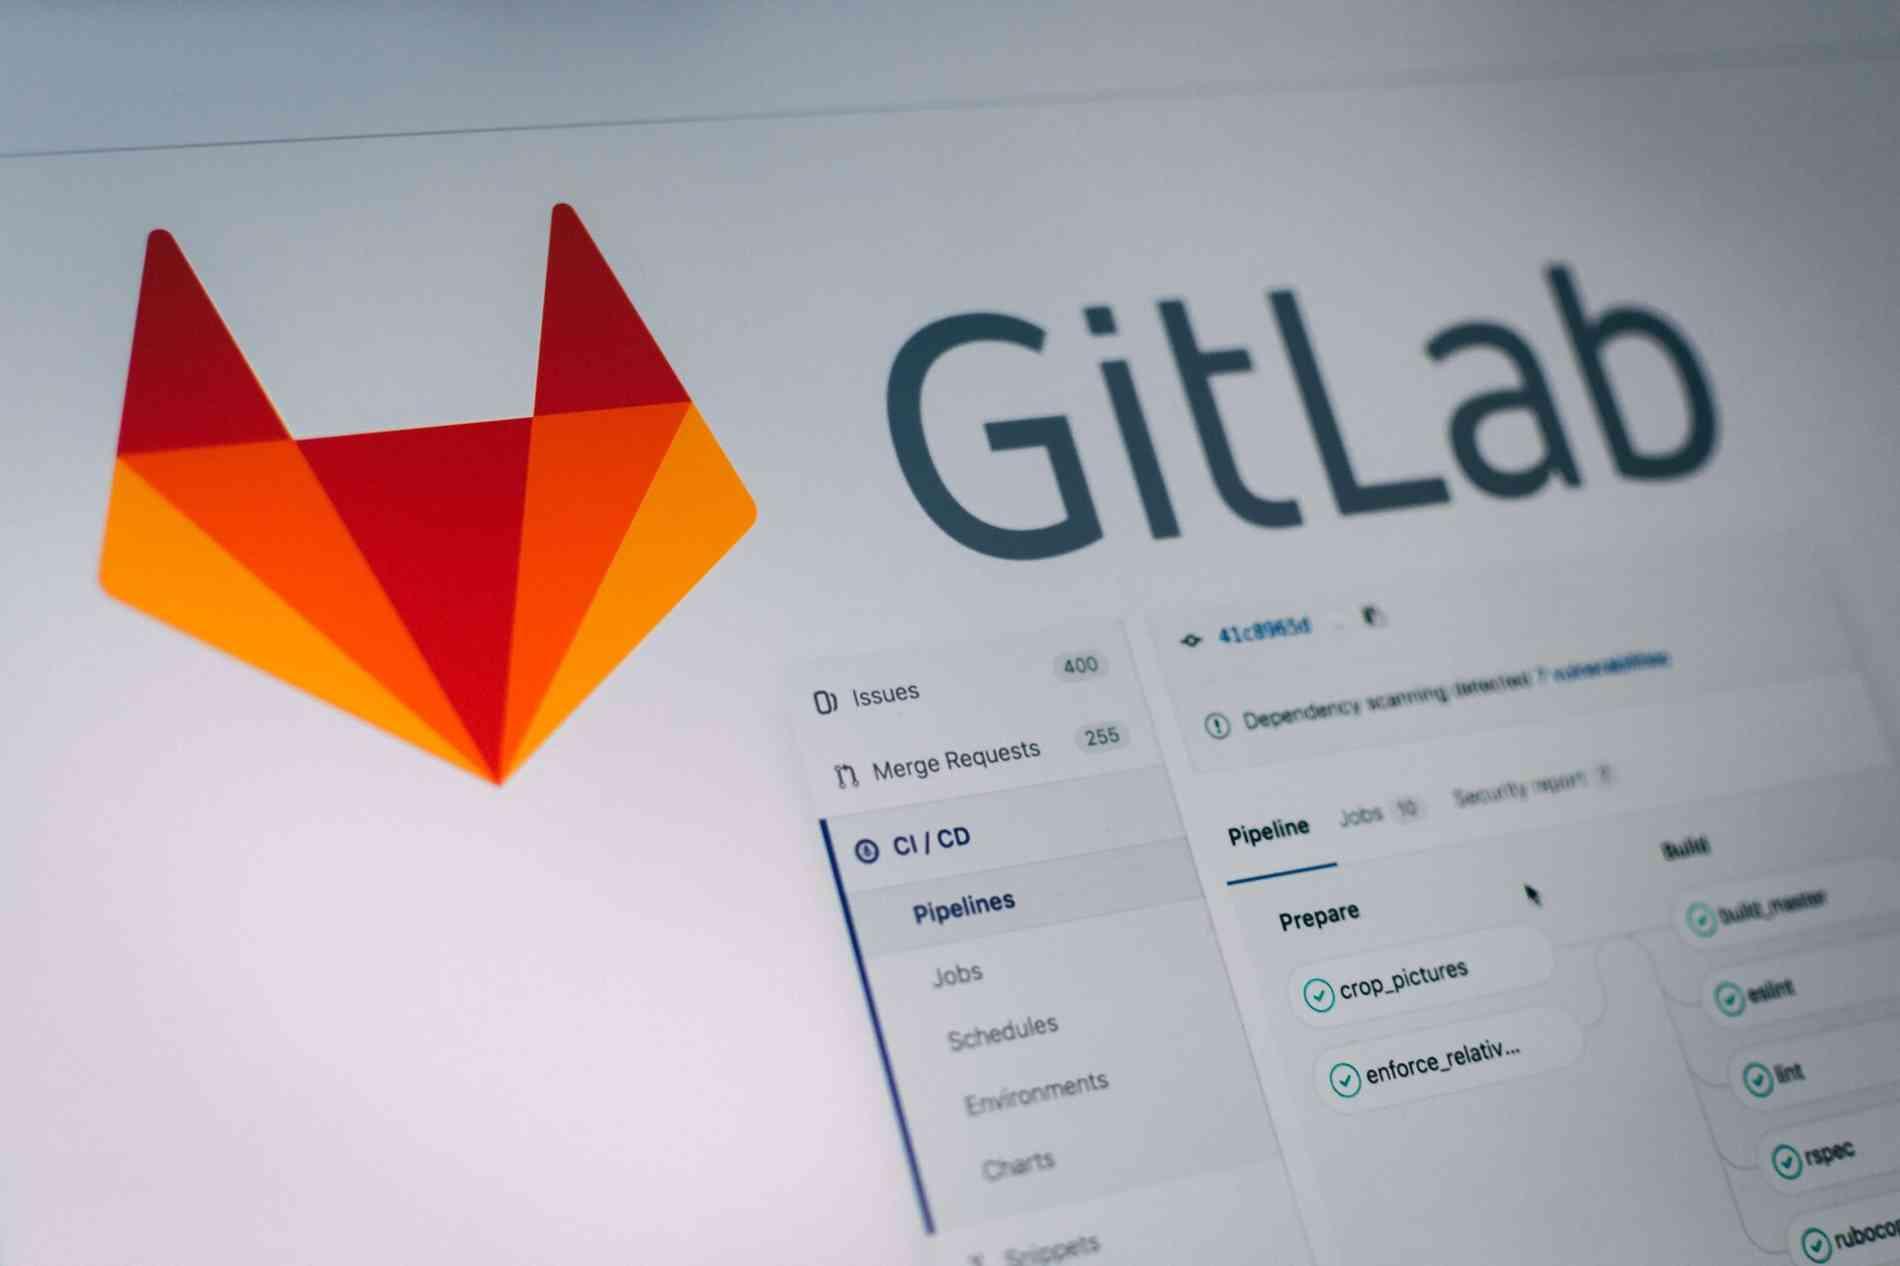 Announcing the GitLab Hackathon